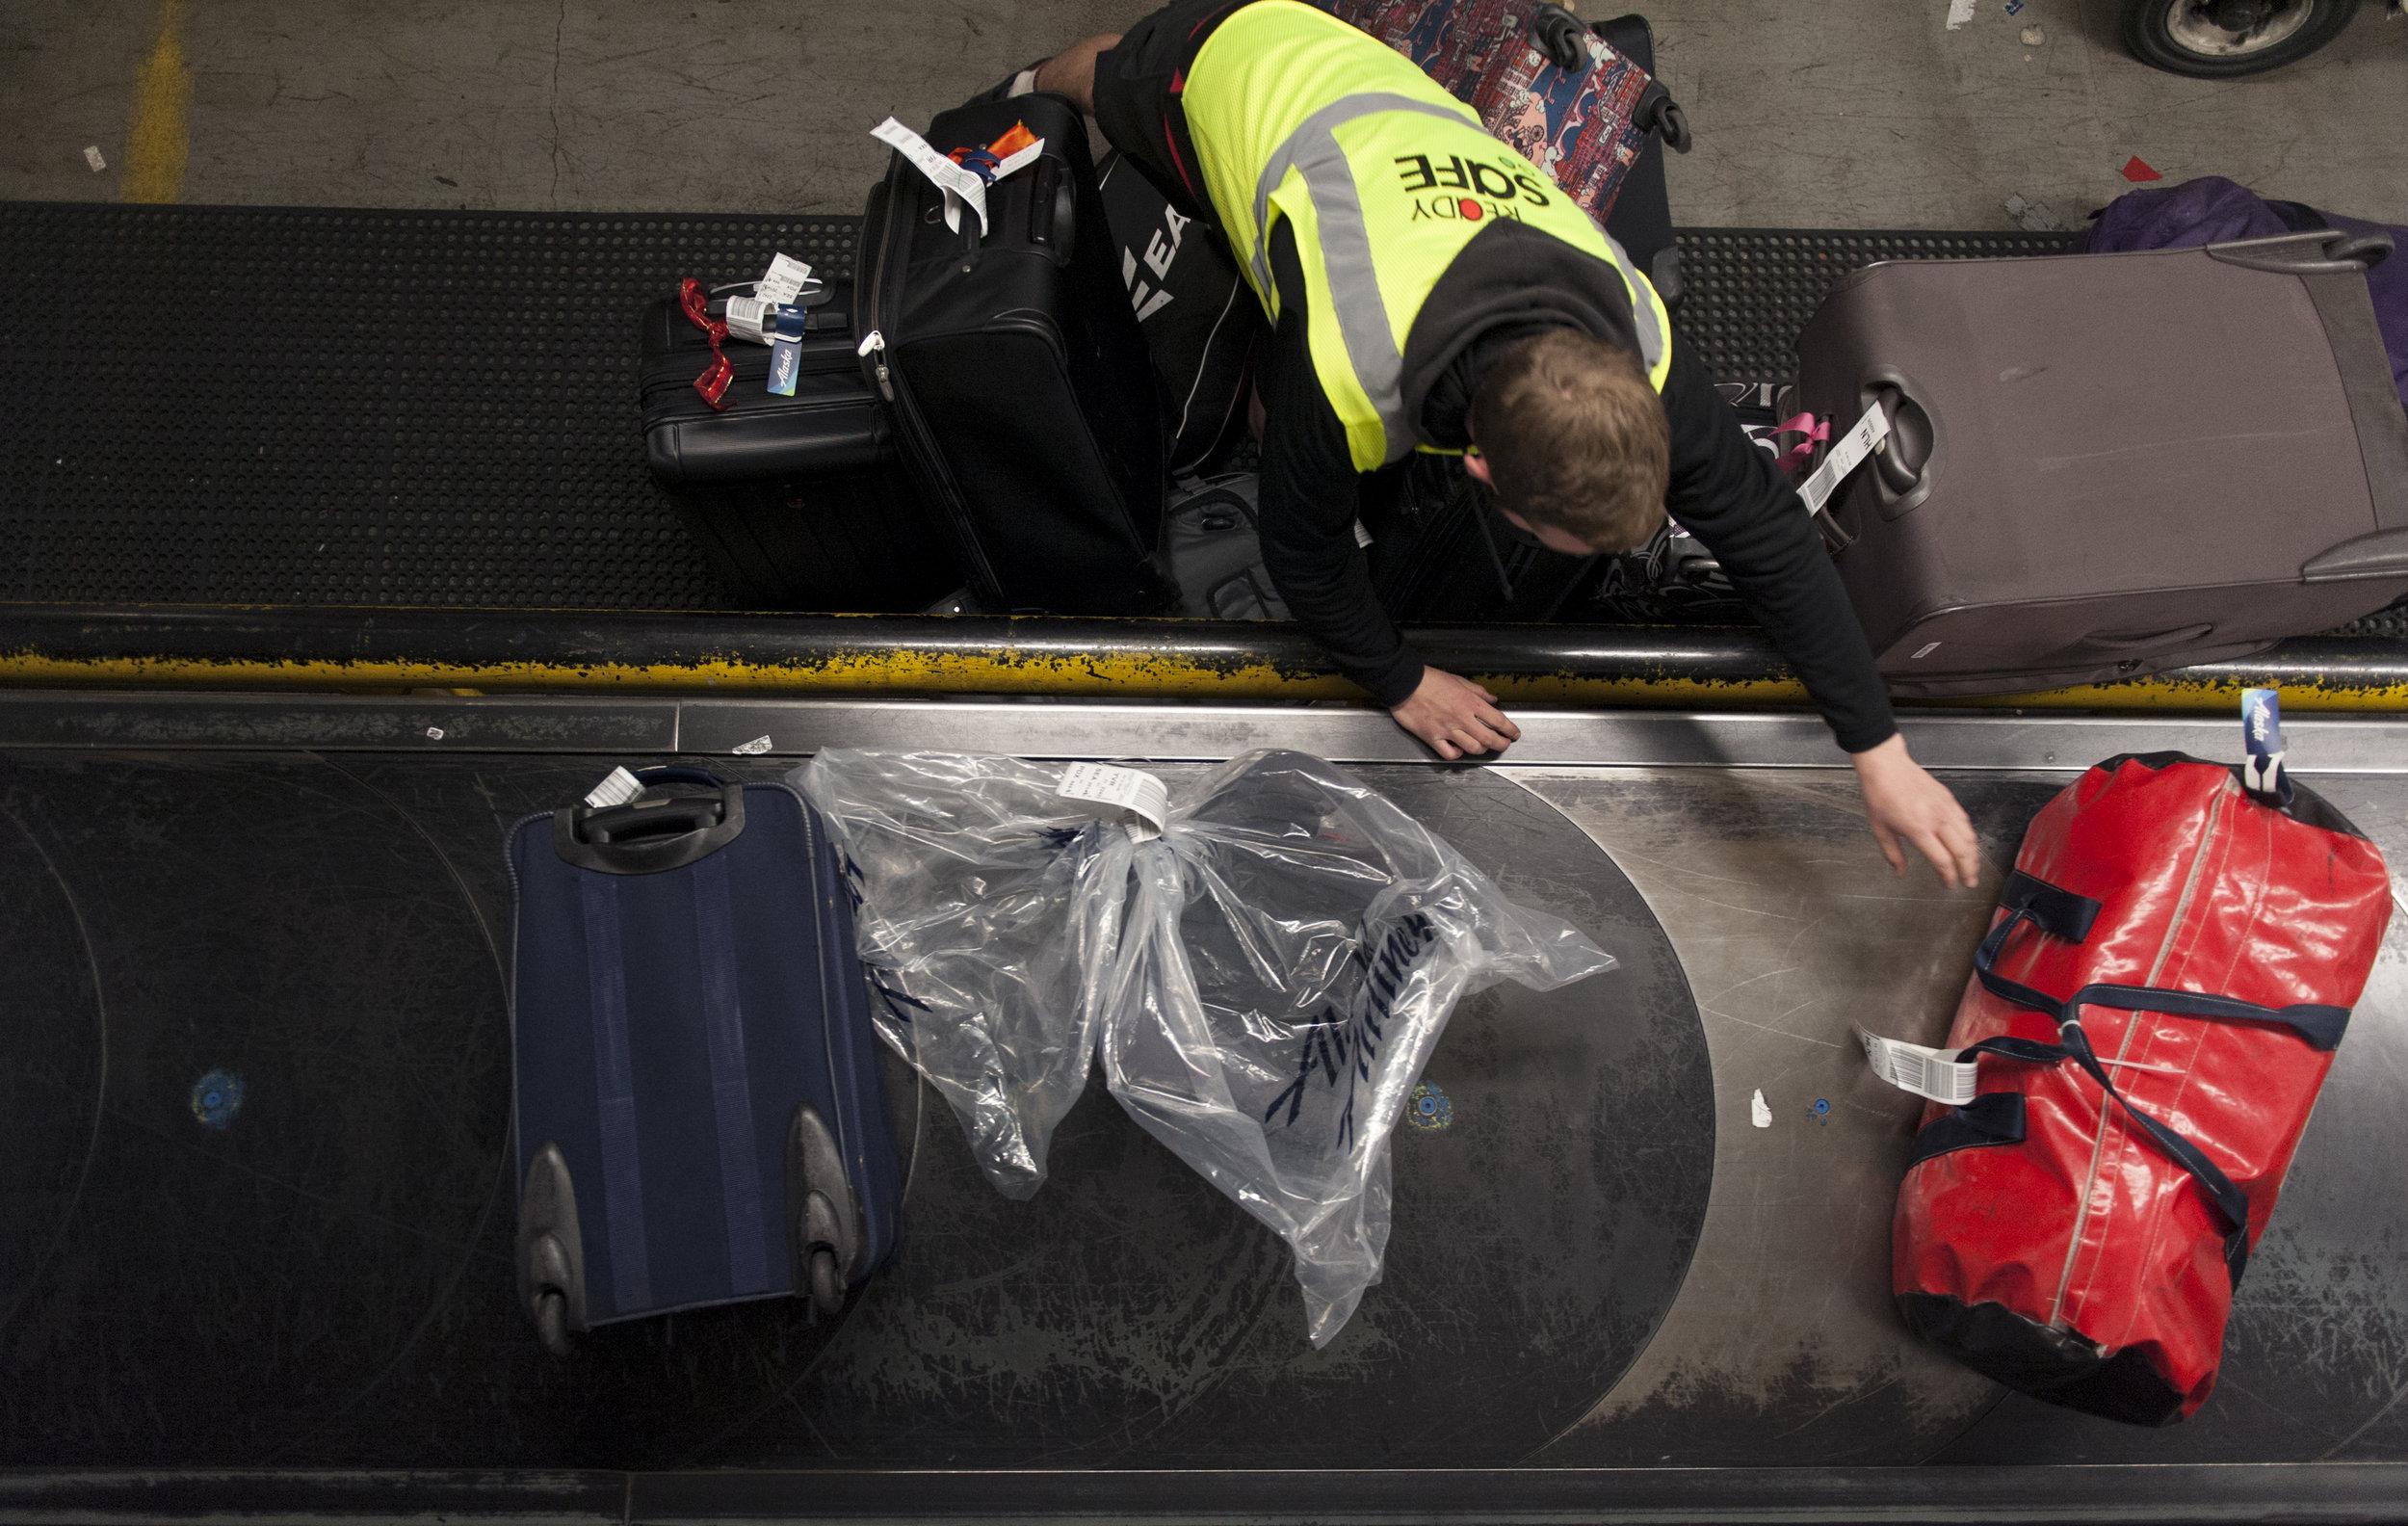 A baggage handler at Seattle - Tacoma International Airport sorts TSA screened baggage Monday, Mar. 20, 2017.